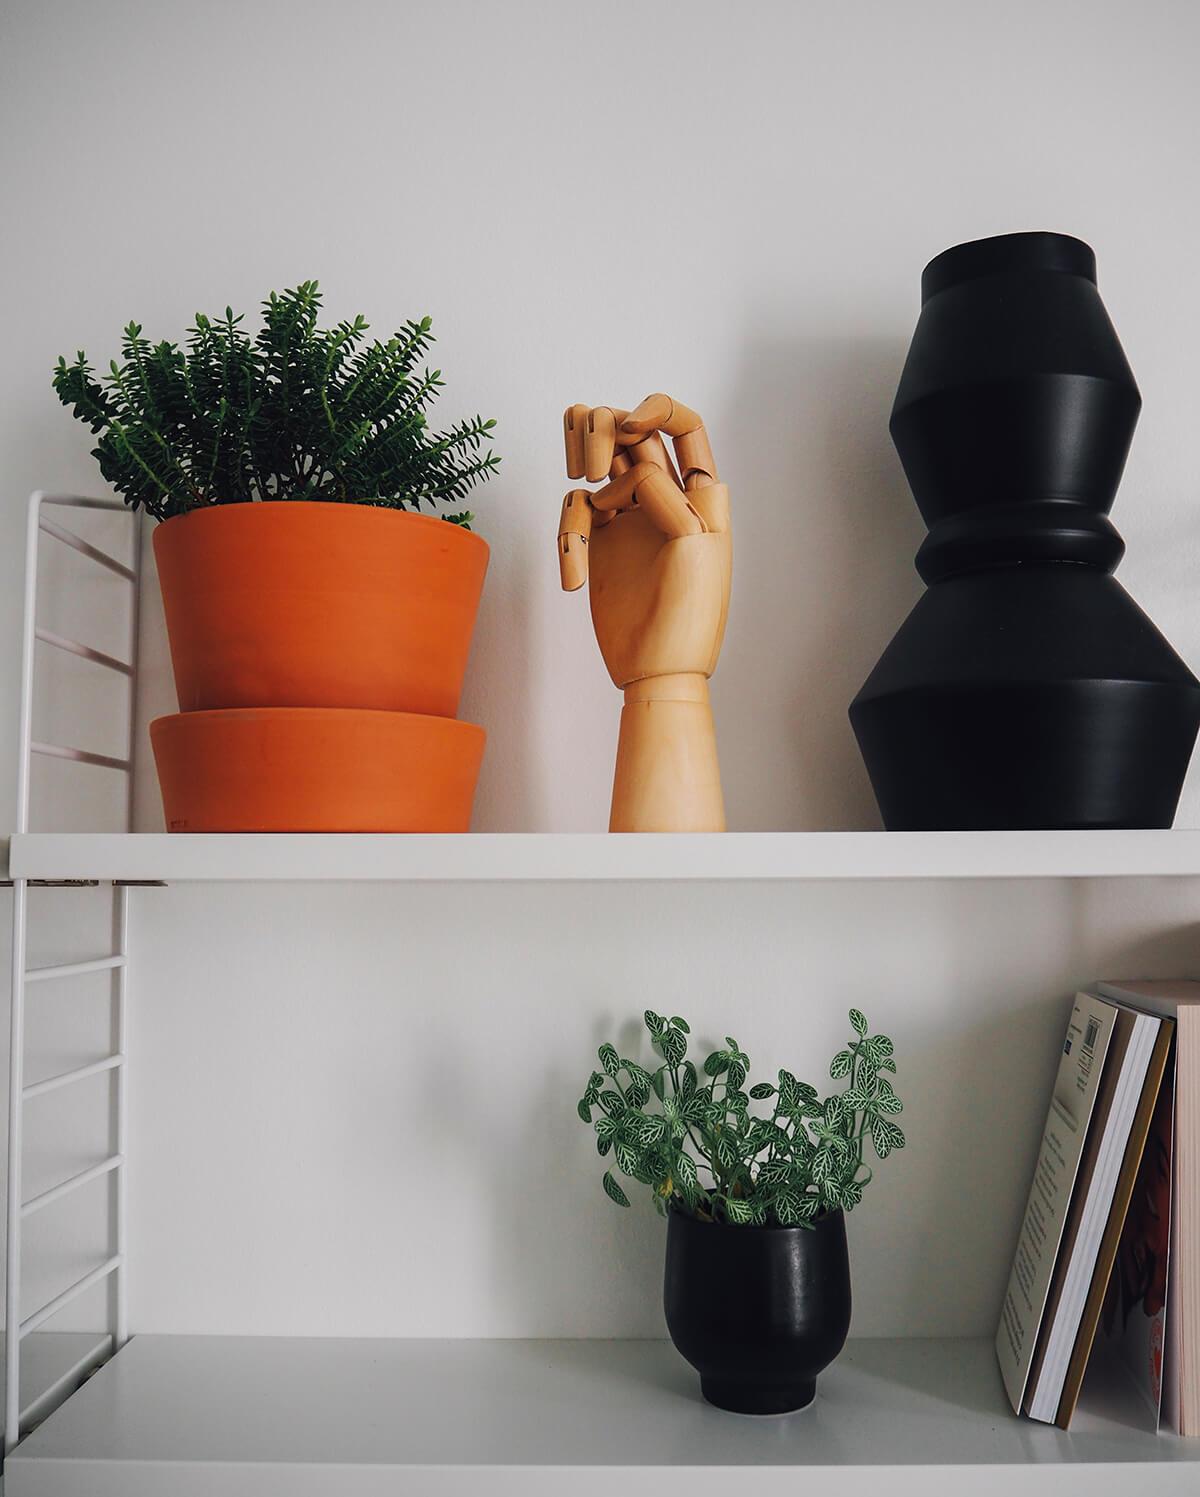 Vase La redoute intérieur